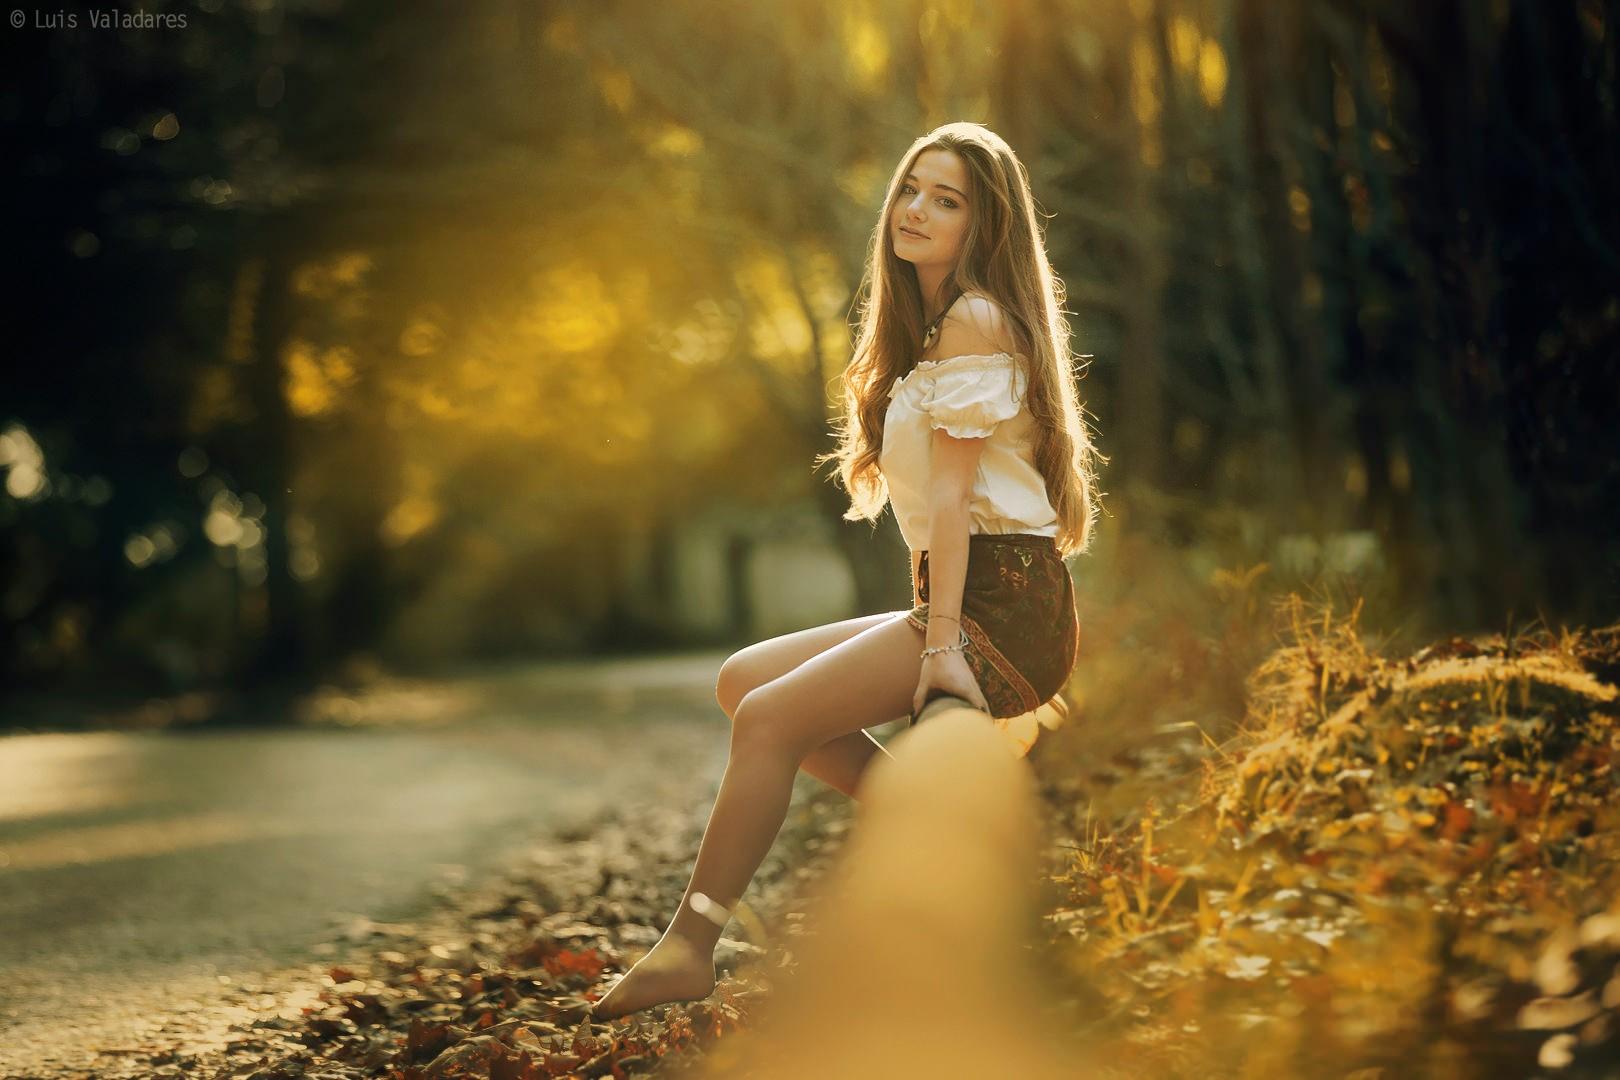 女性の胸毛処理、脱毛サロンと除毛クリームはどっちがいいの?のサムネイル画像